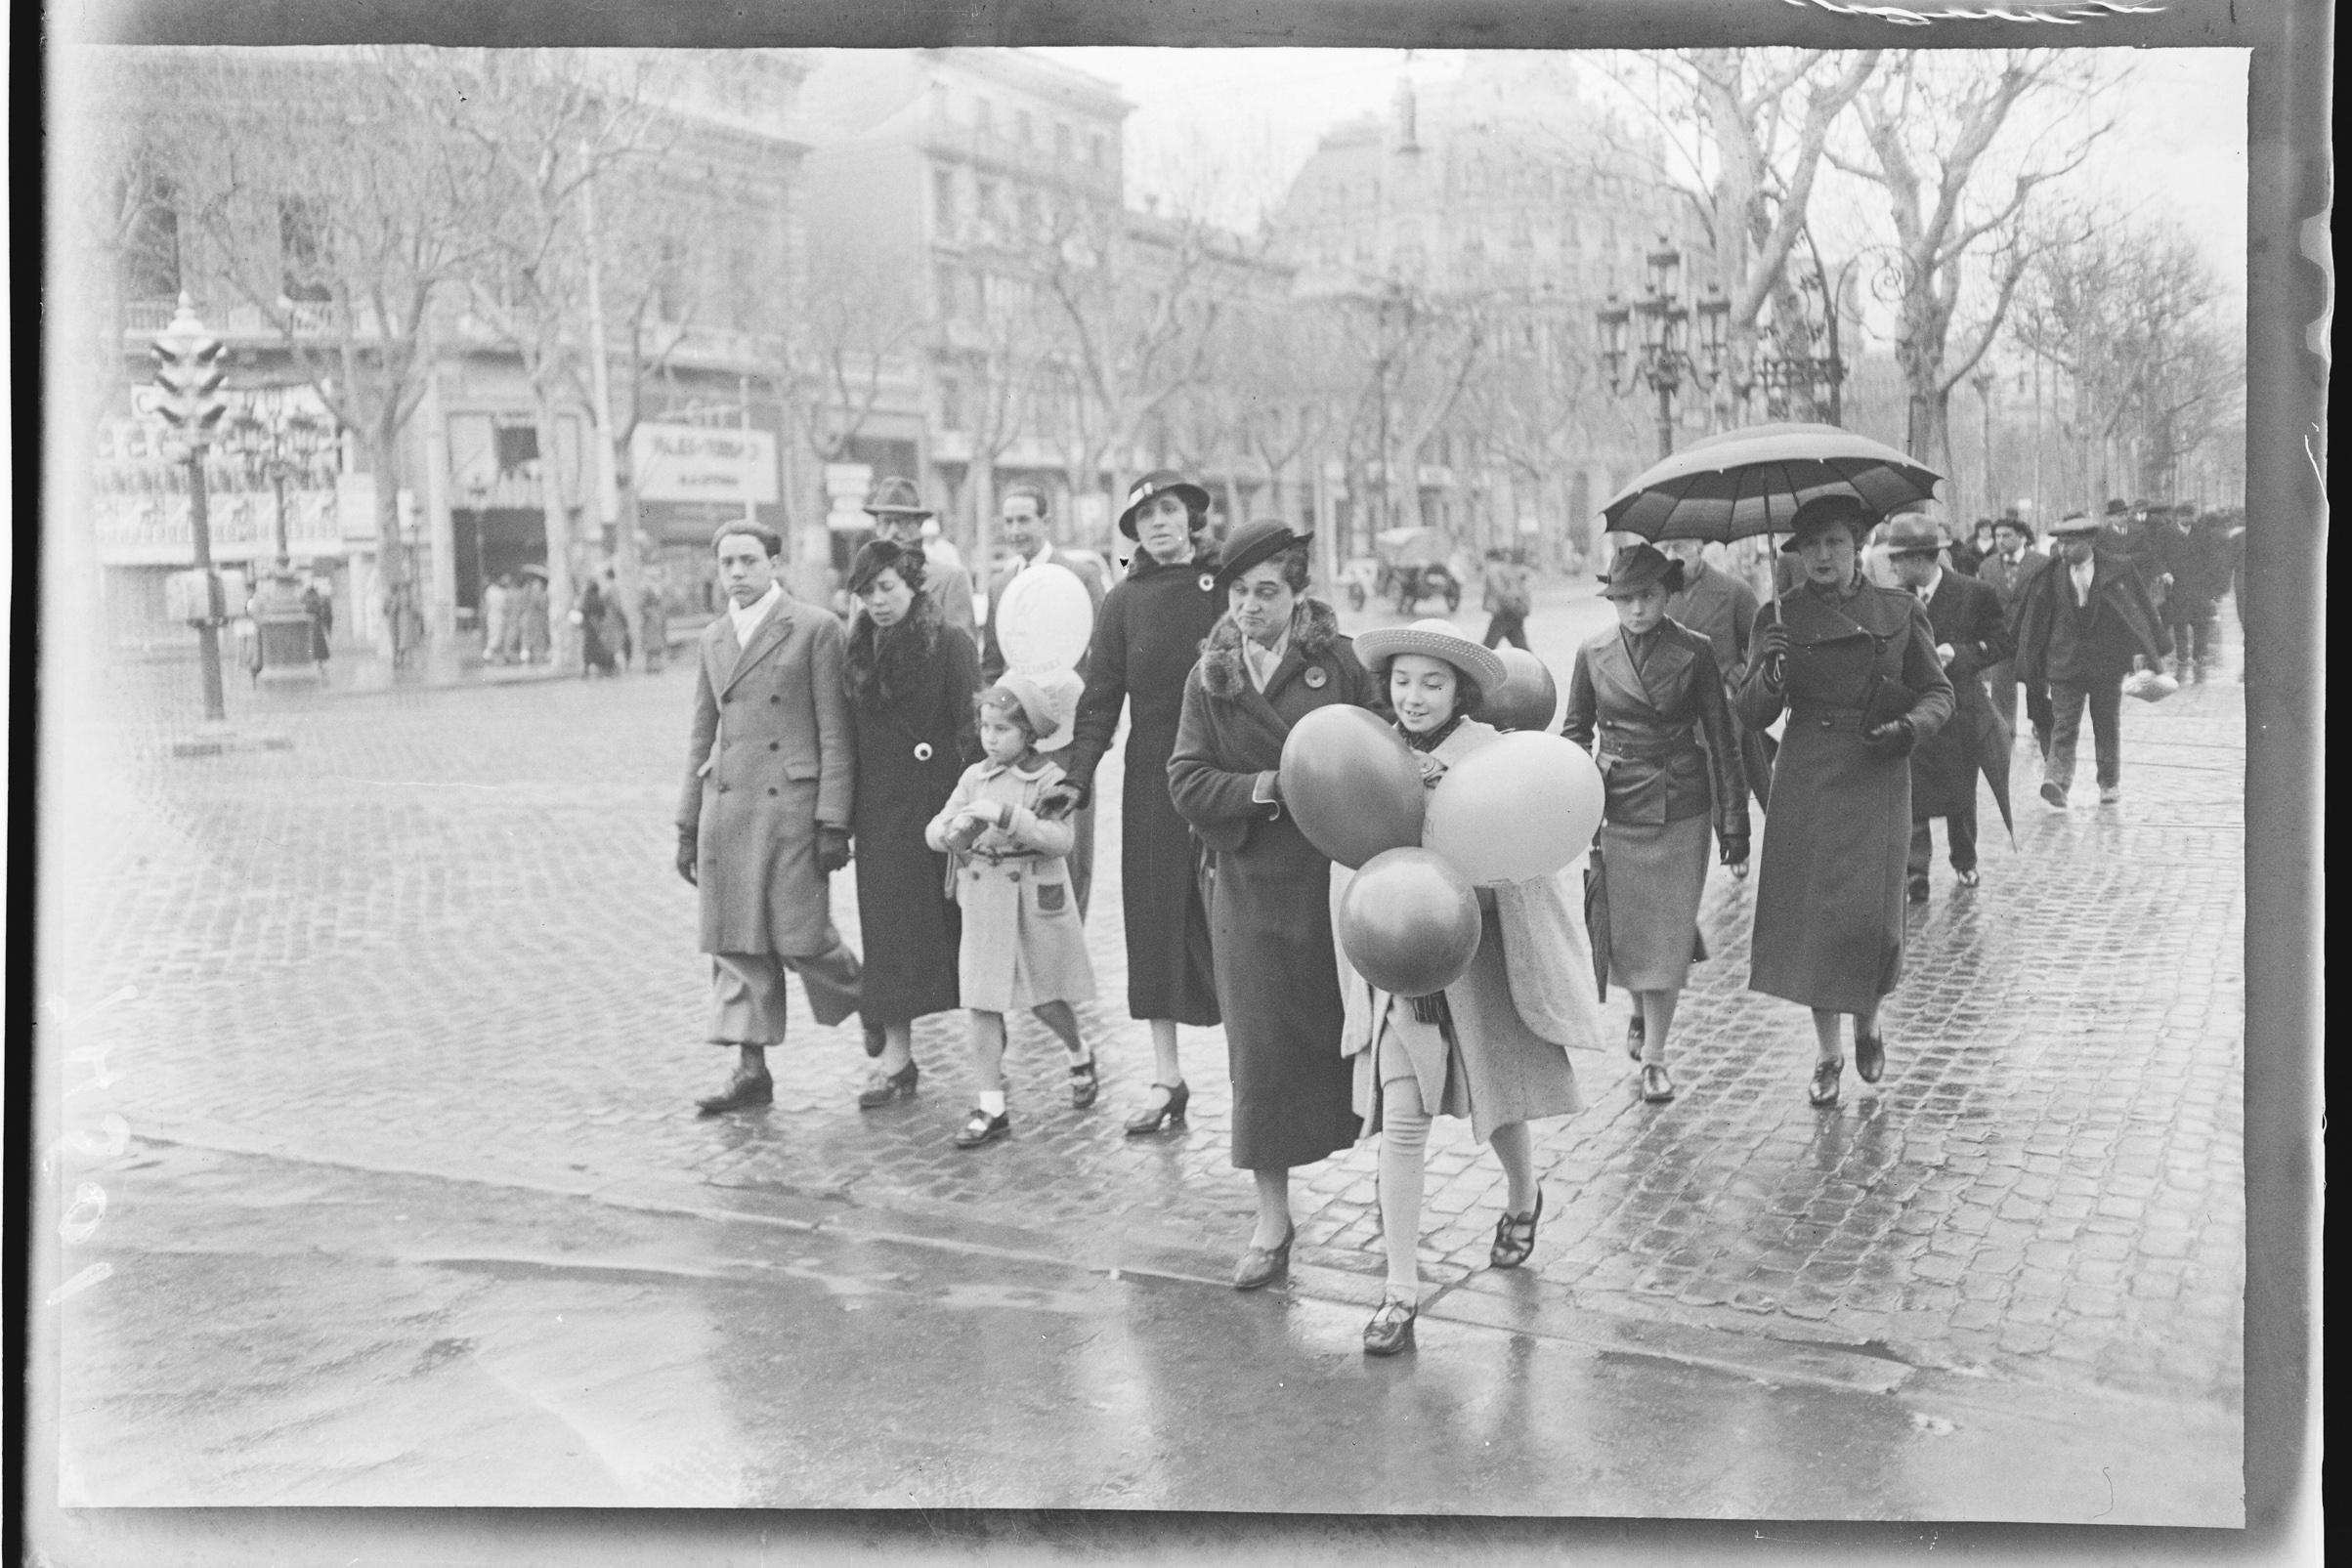 Niña con globos en el paseo de Gracia. Barcelona,c.1930 © Fondo BRANGULÍ, ANC